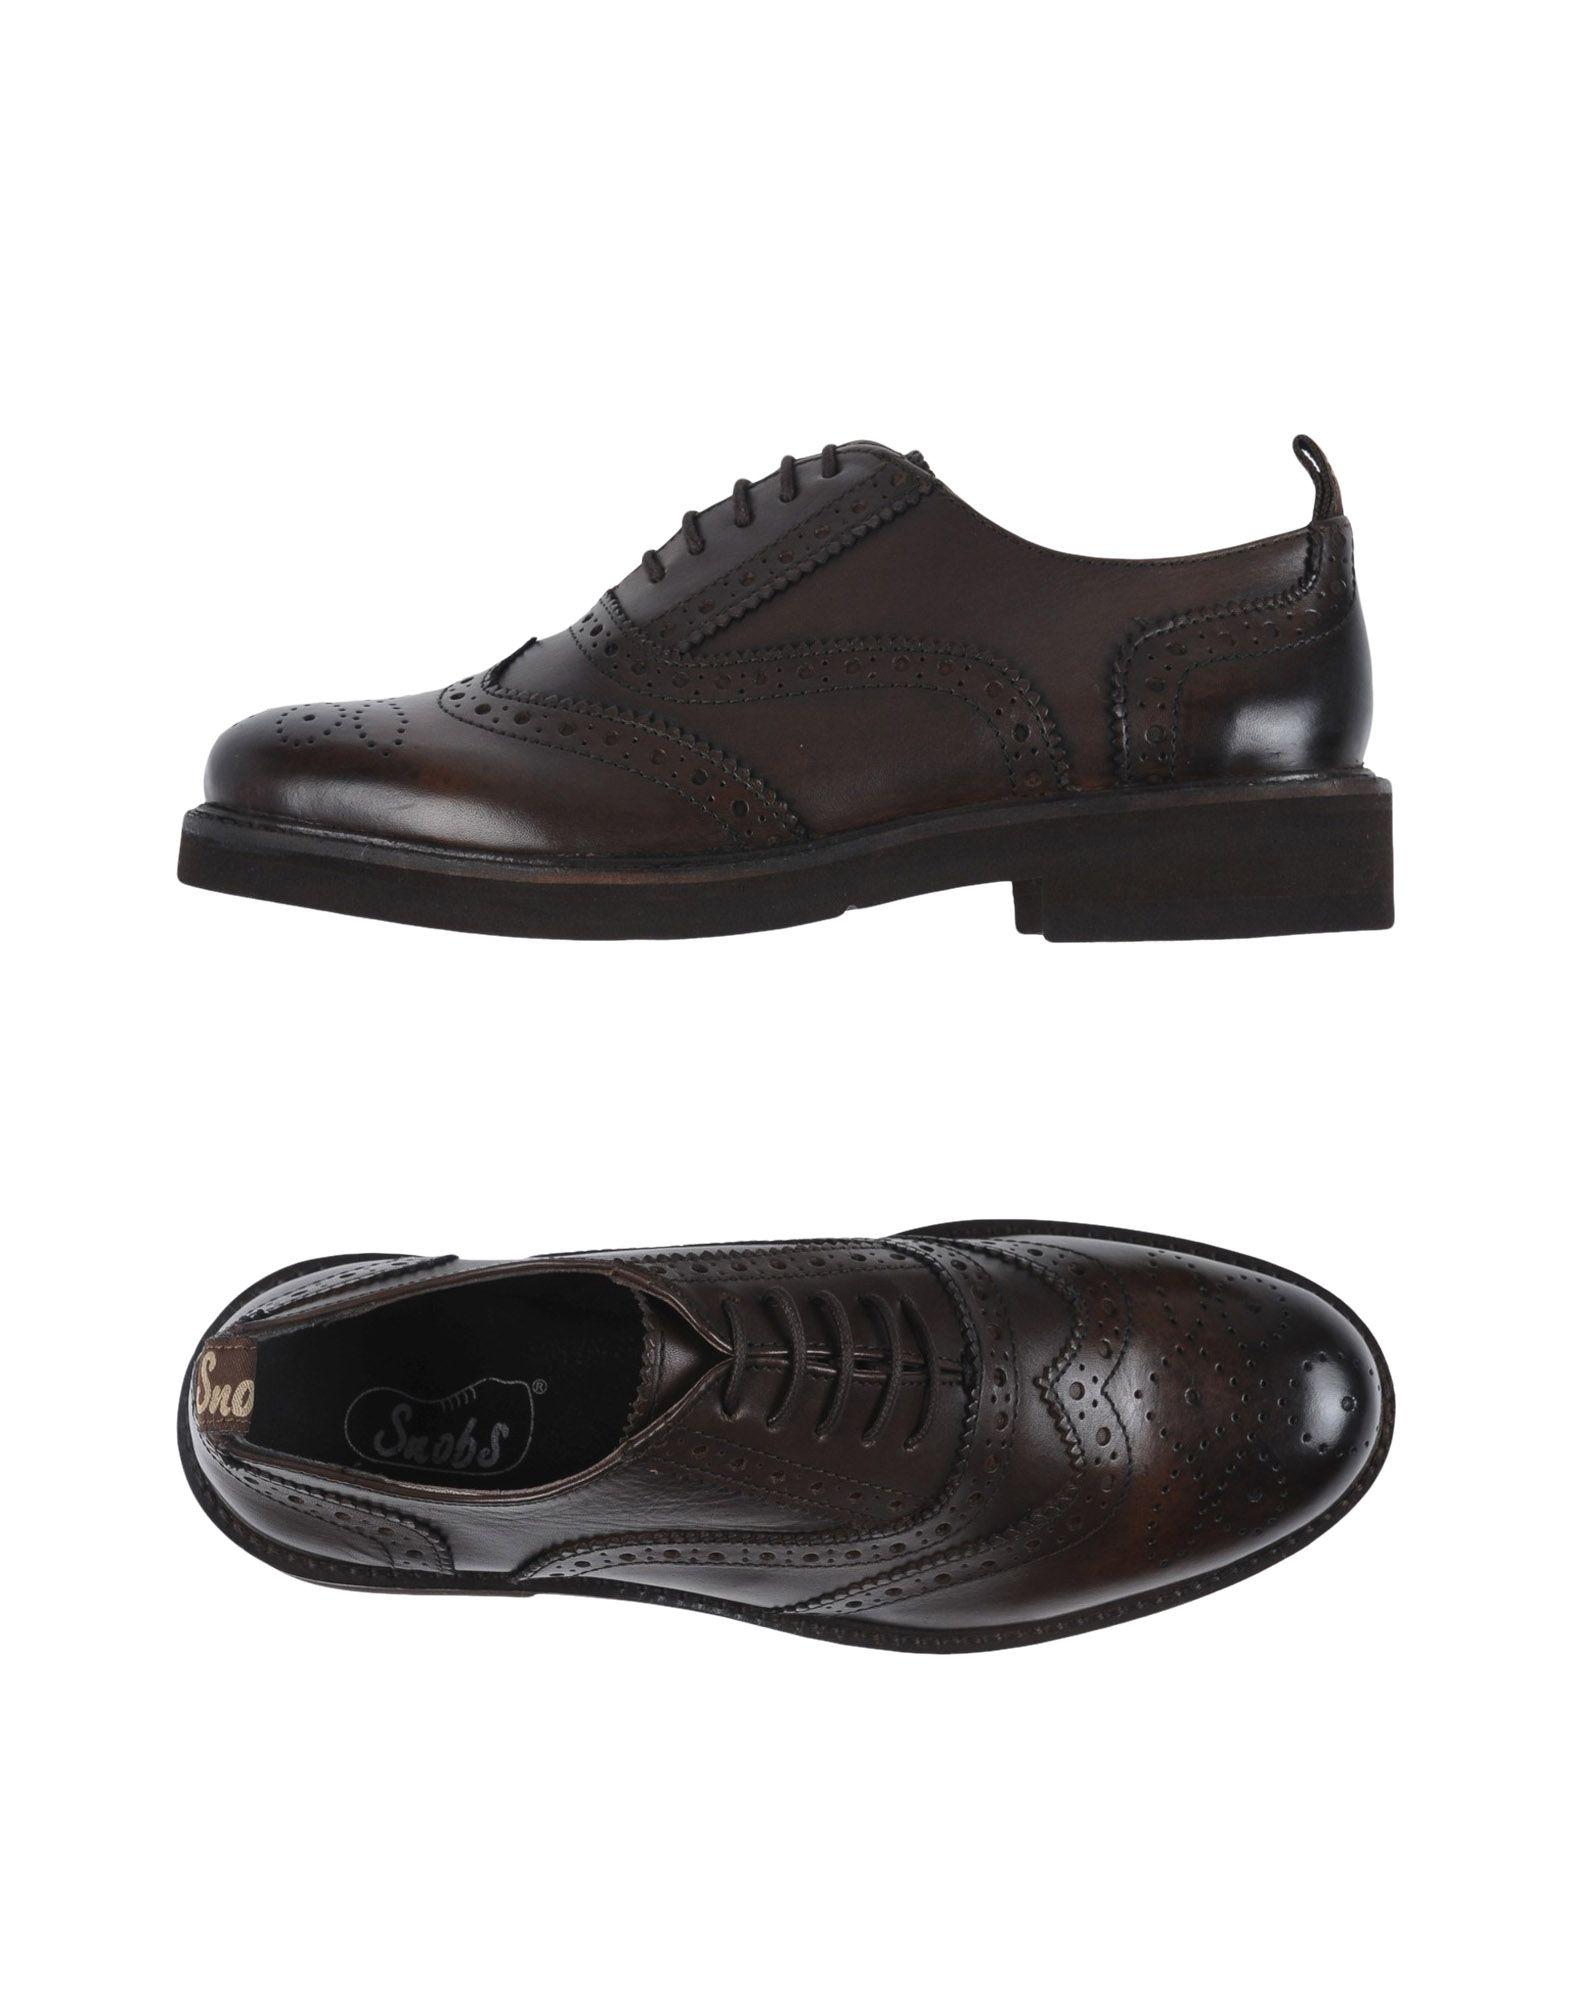 Snobs® Schnürschuhe Damen  11247315QI Gute Qualität beliebte Schuhe